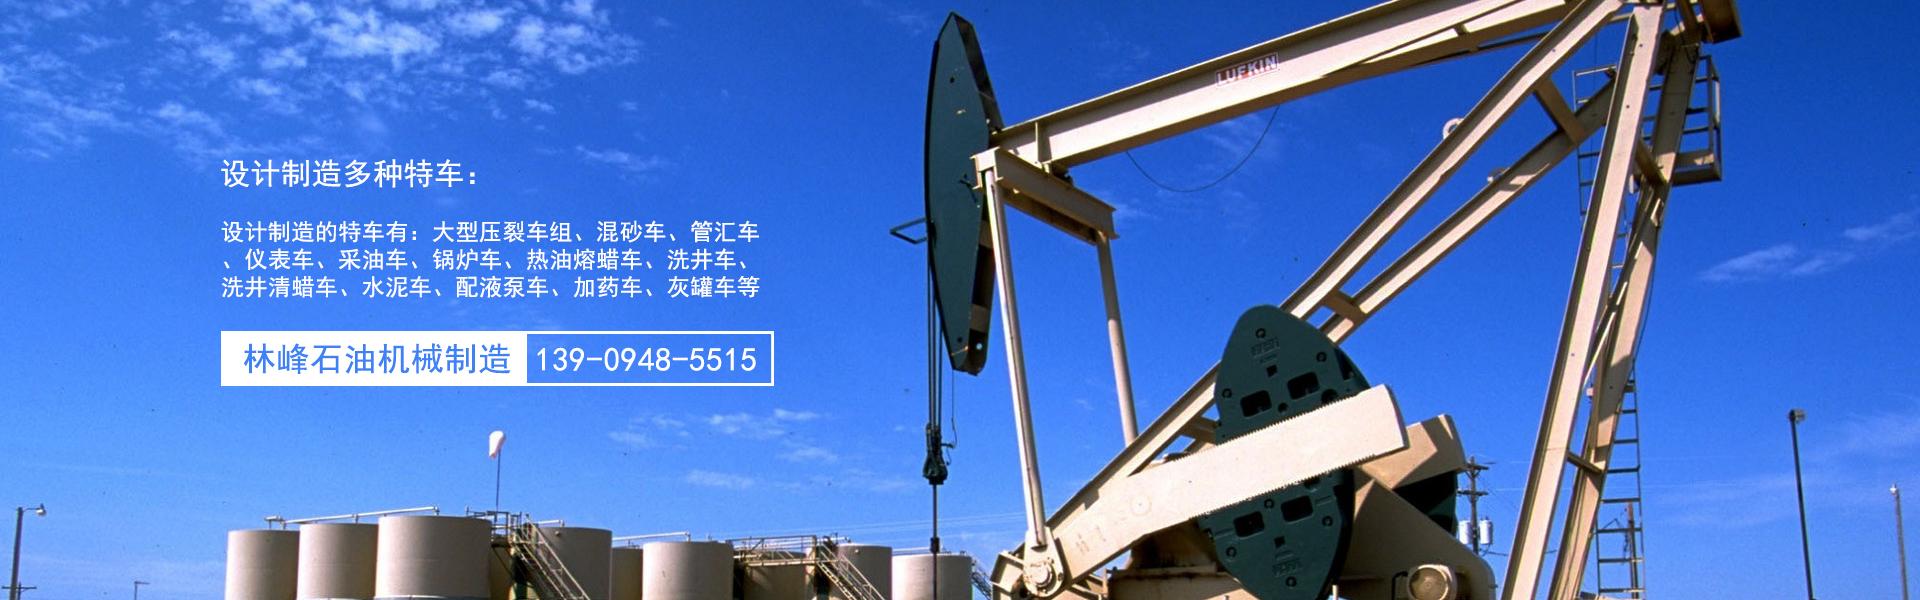 兰州林峰石油机械制造有限责任公司